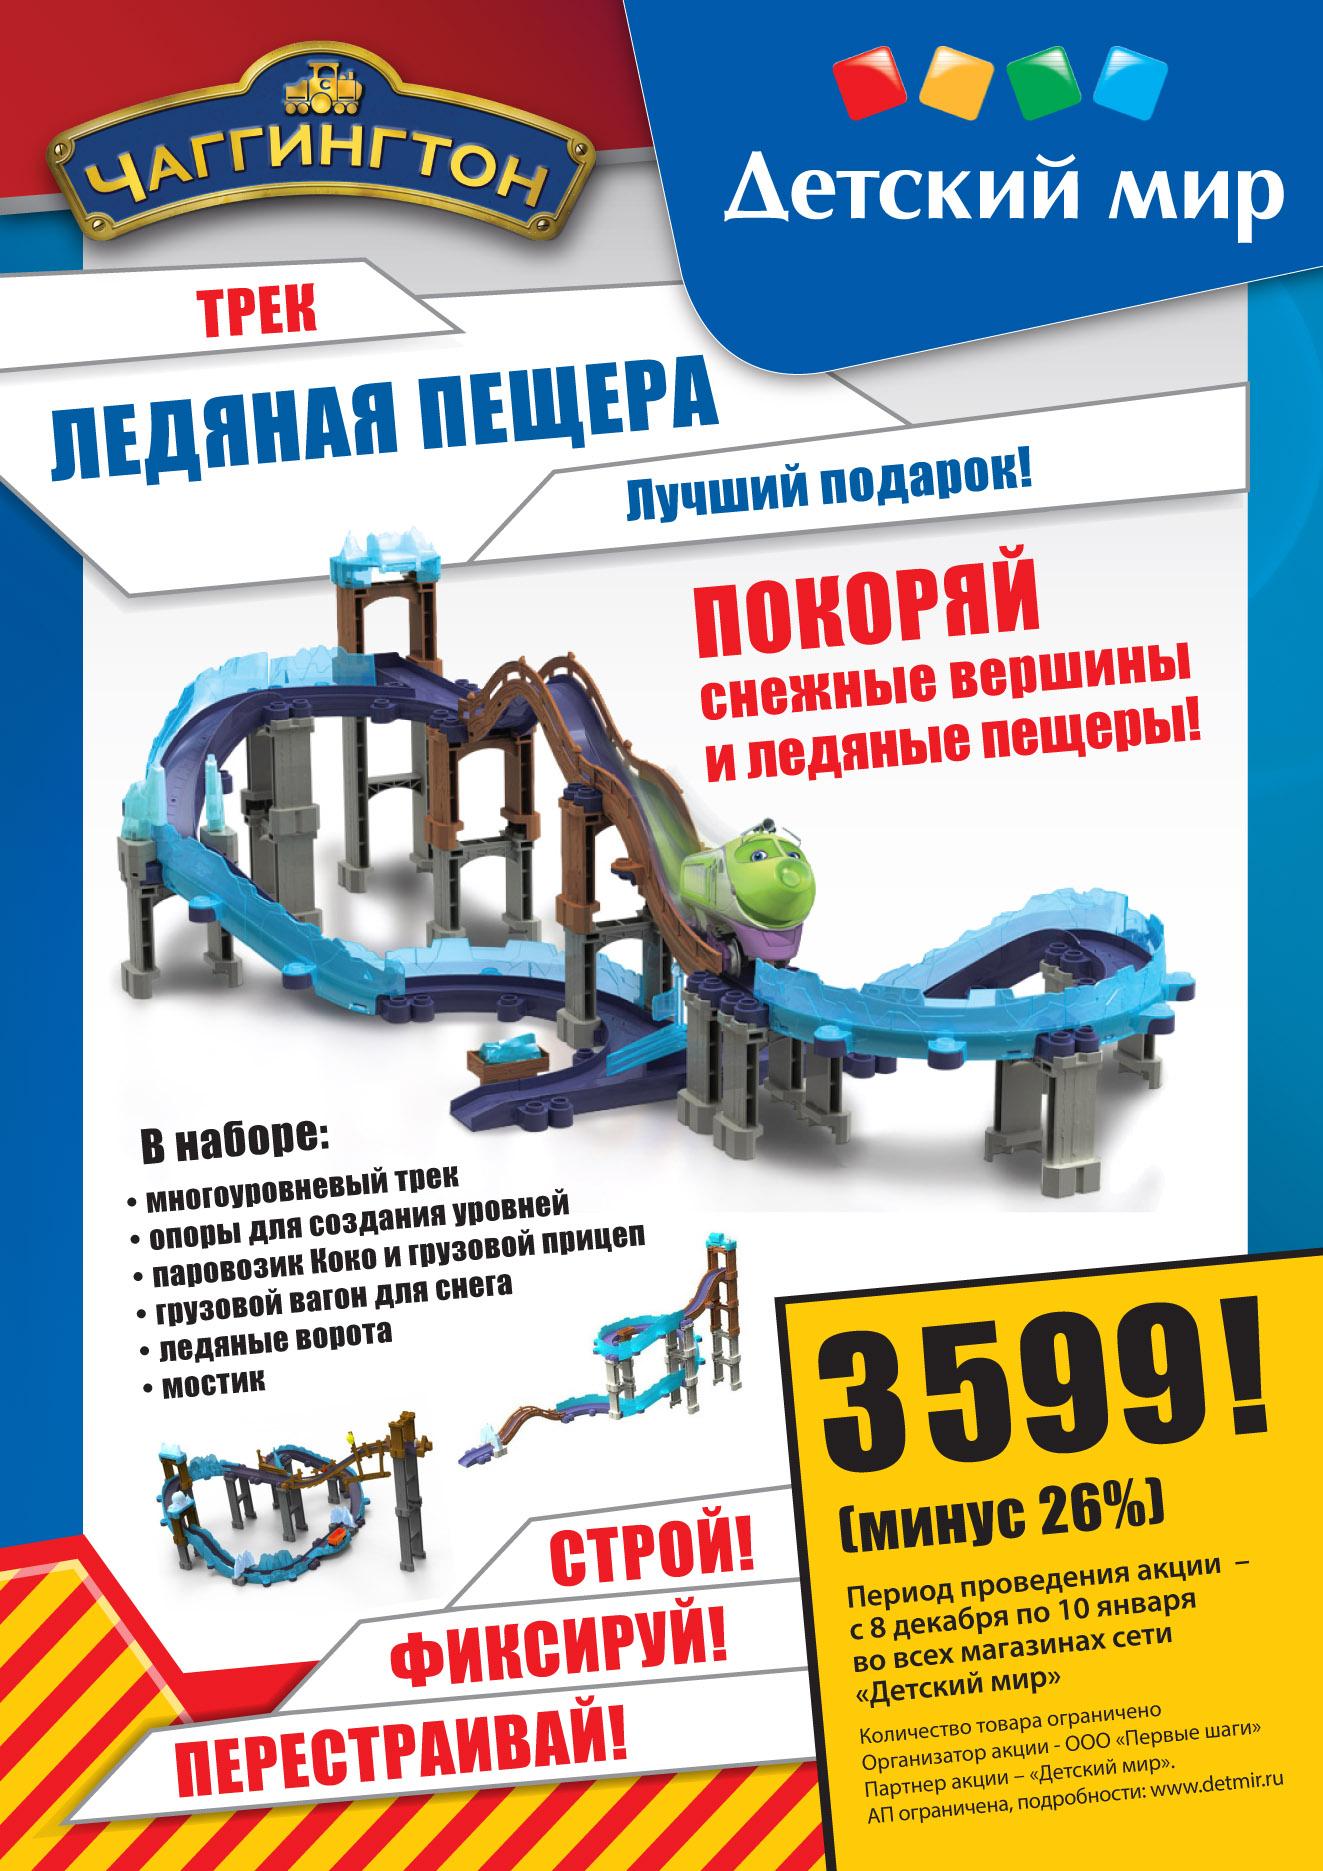 Листовка А4 для акции в сети магазинов Детский мир